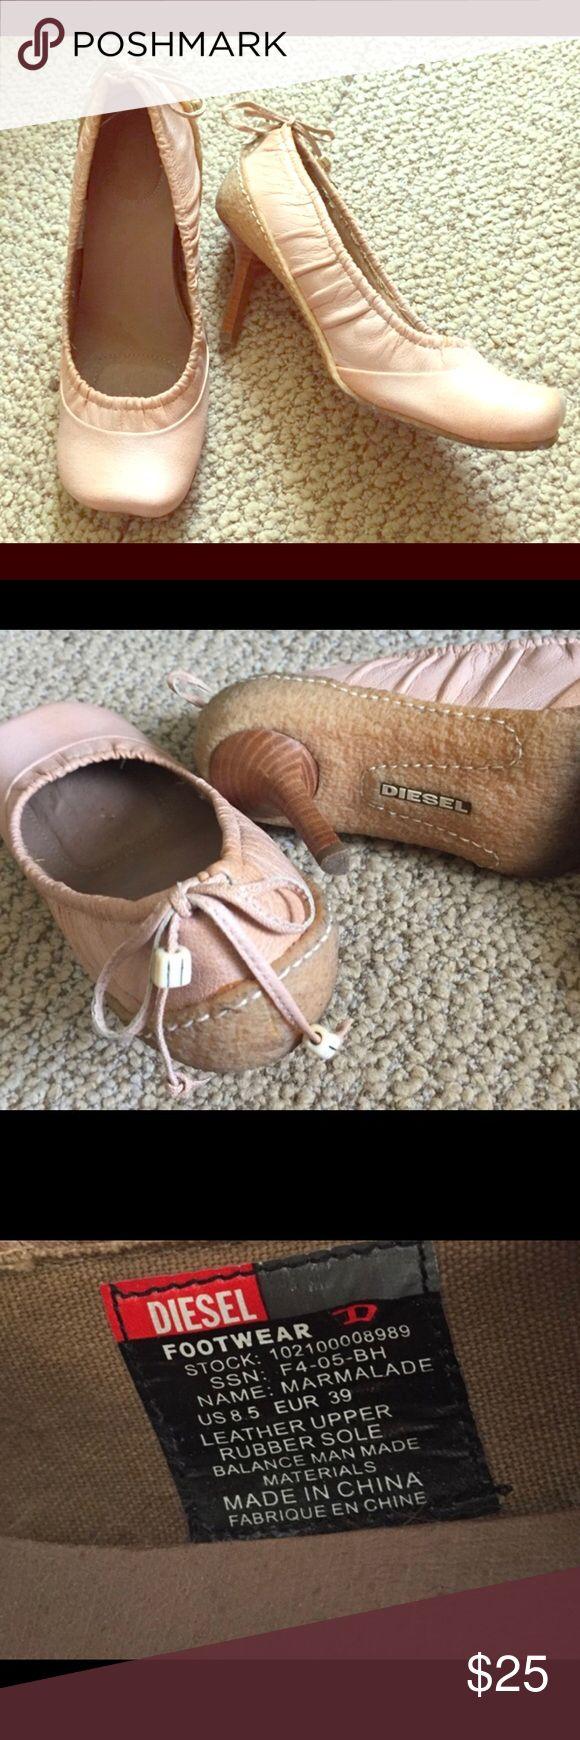 Diesel Heels Pink tones Diesel Pumps/heels super cute and comfy ! Diesel Shoes Heels